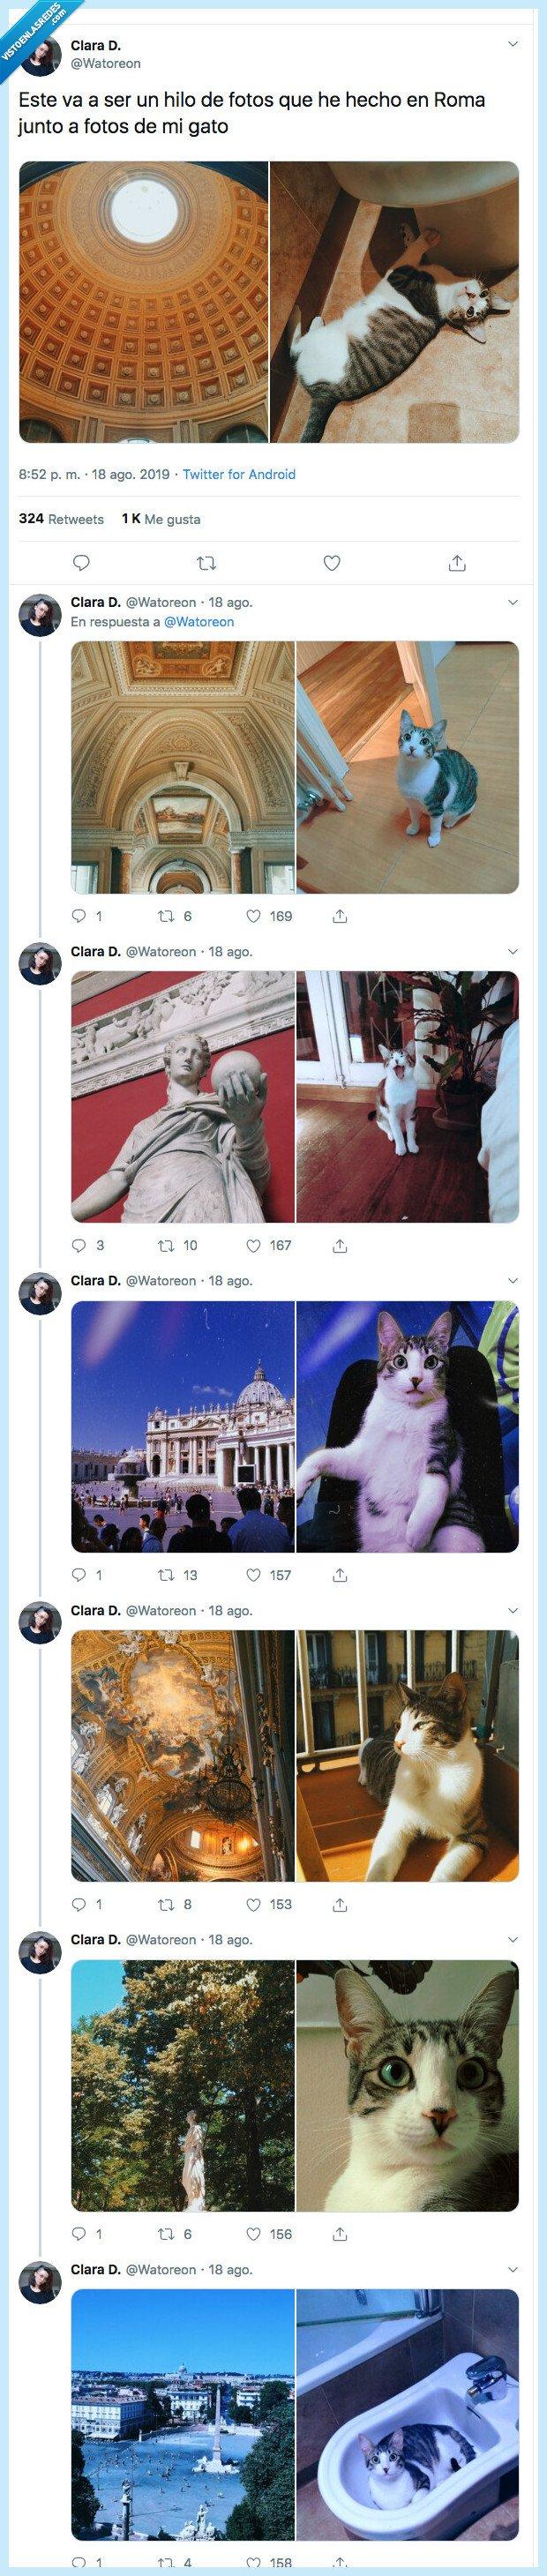 foto,gato,hilo,roma